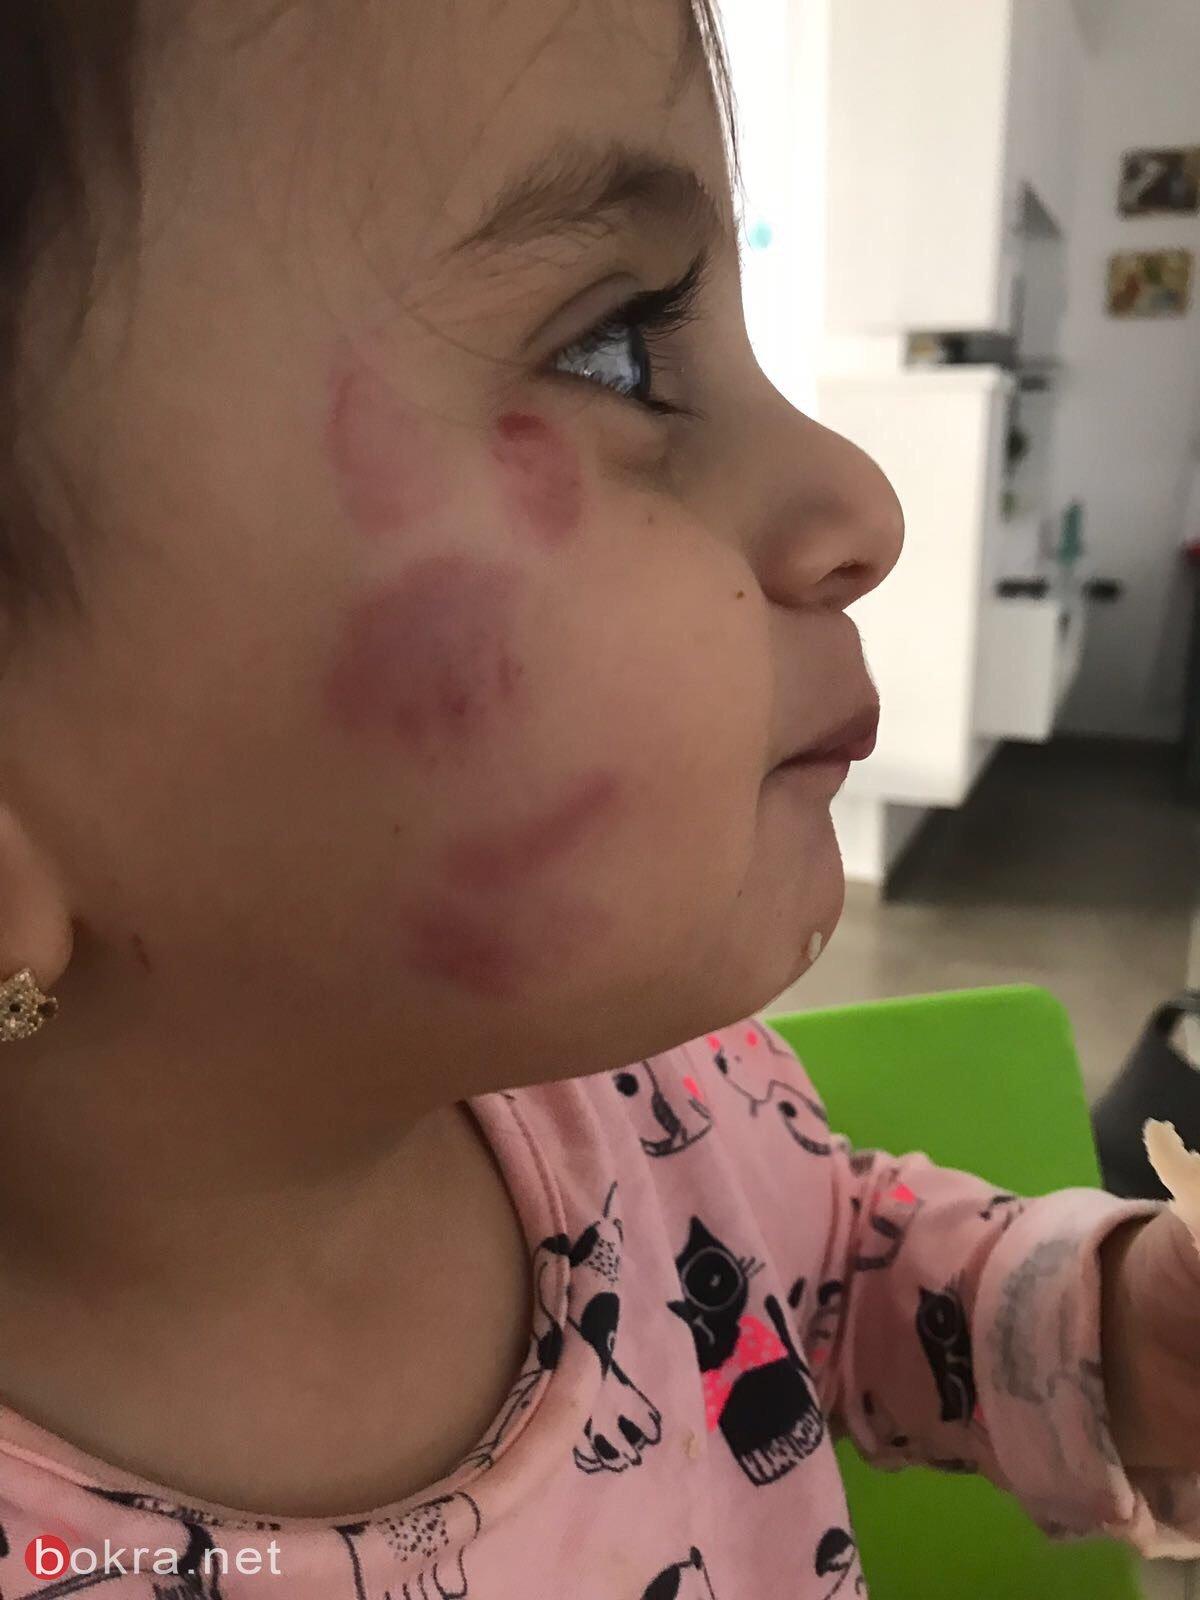 اثار رابي لـبكرا: بكيت بأعلى صوتي لإصابة ابنتي